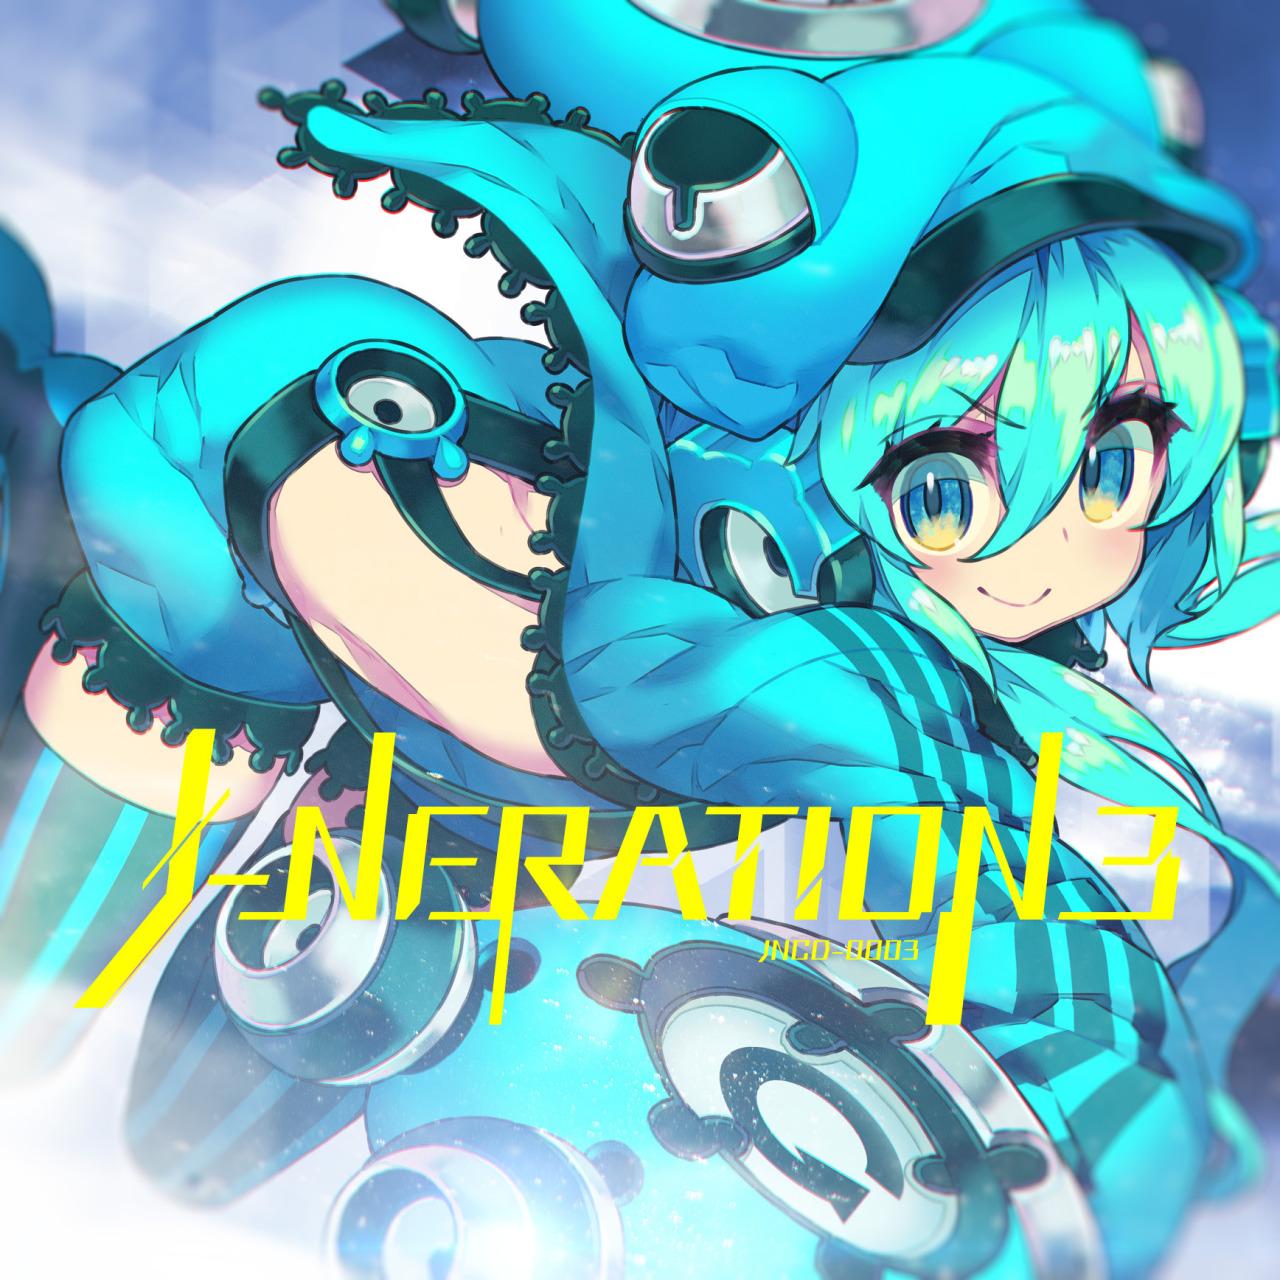 J-NERATION3